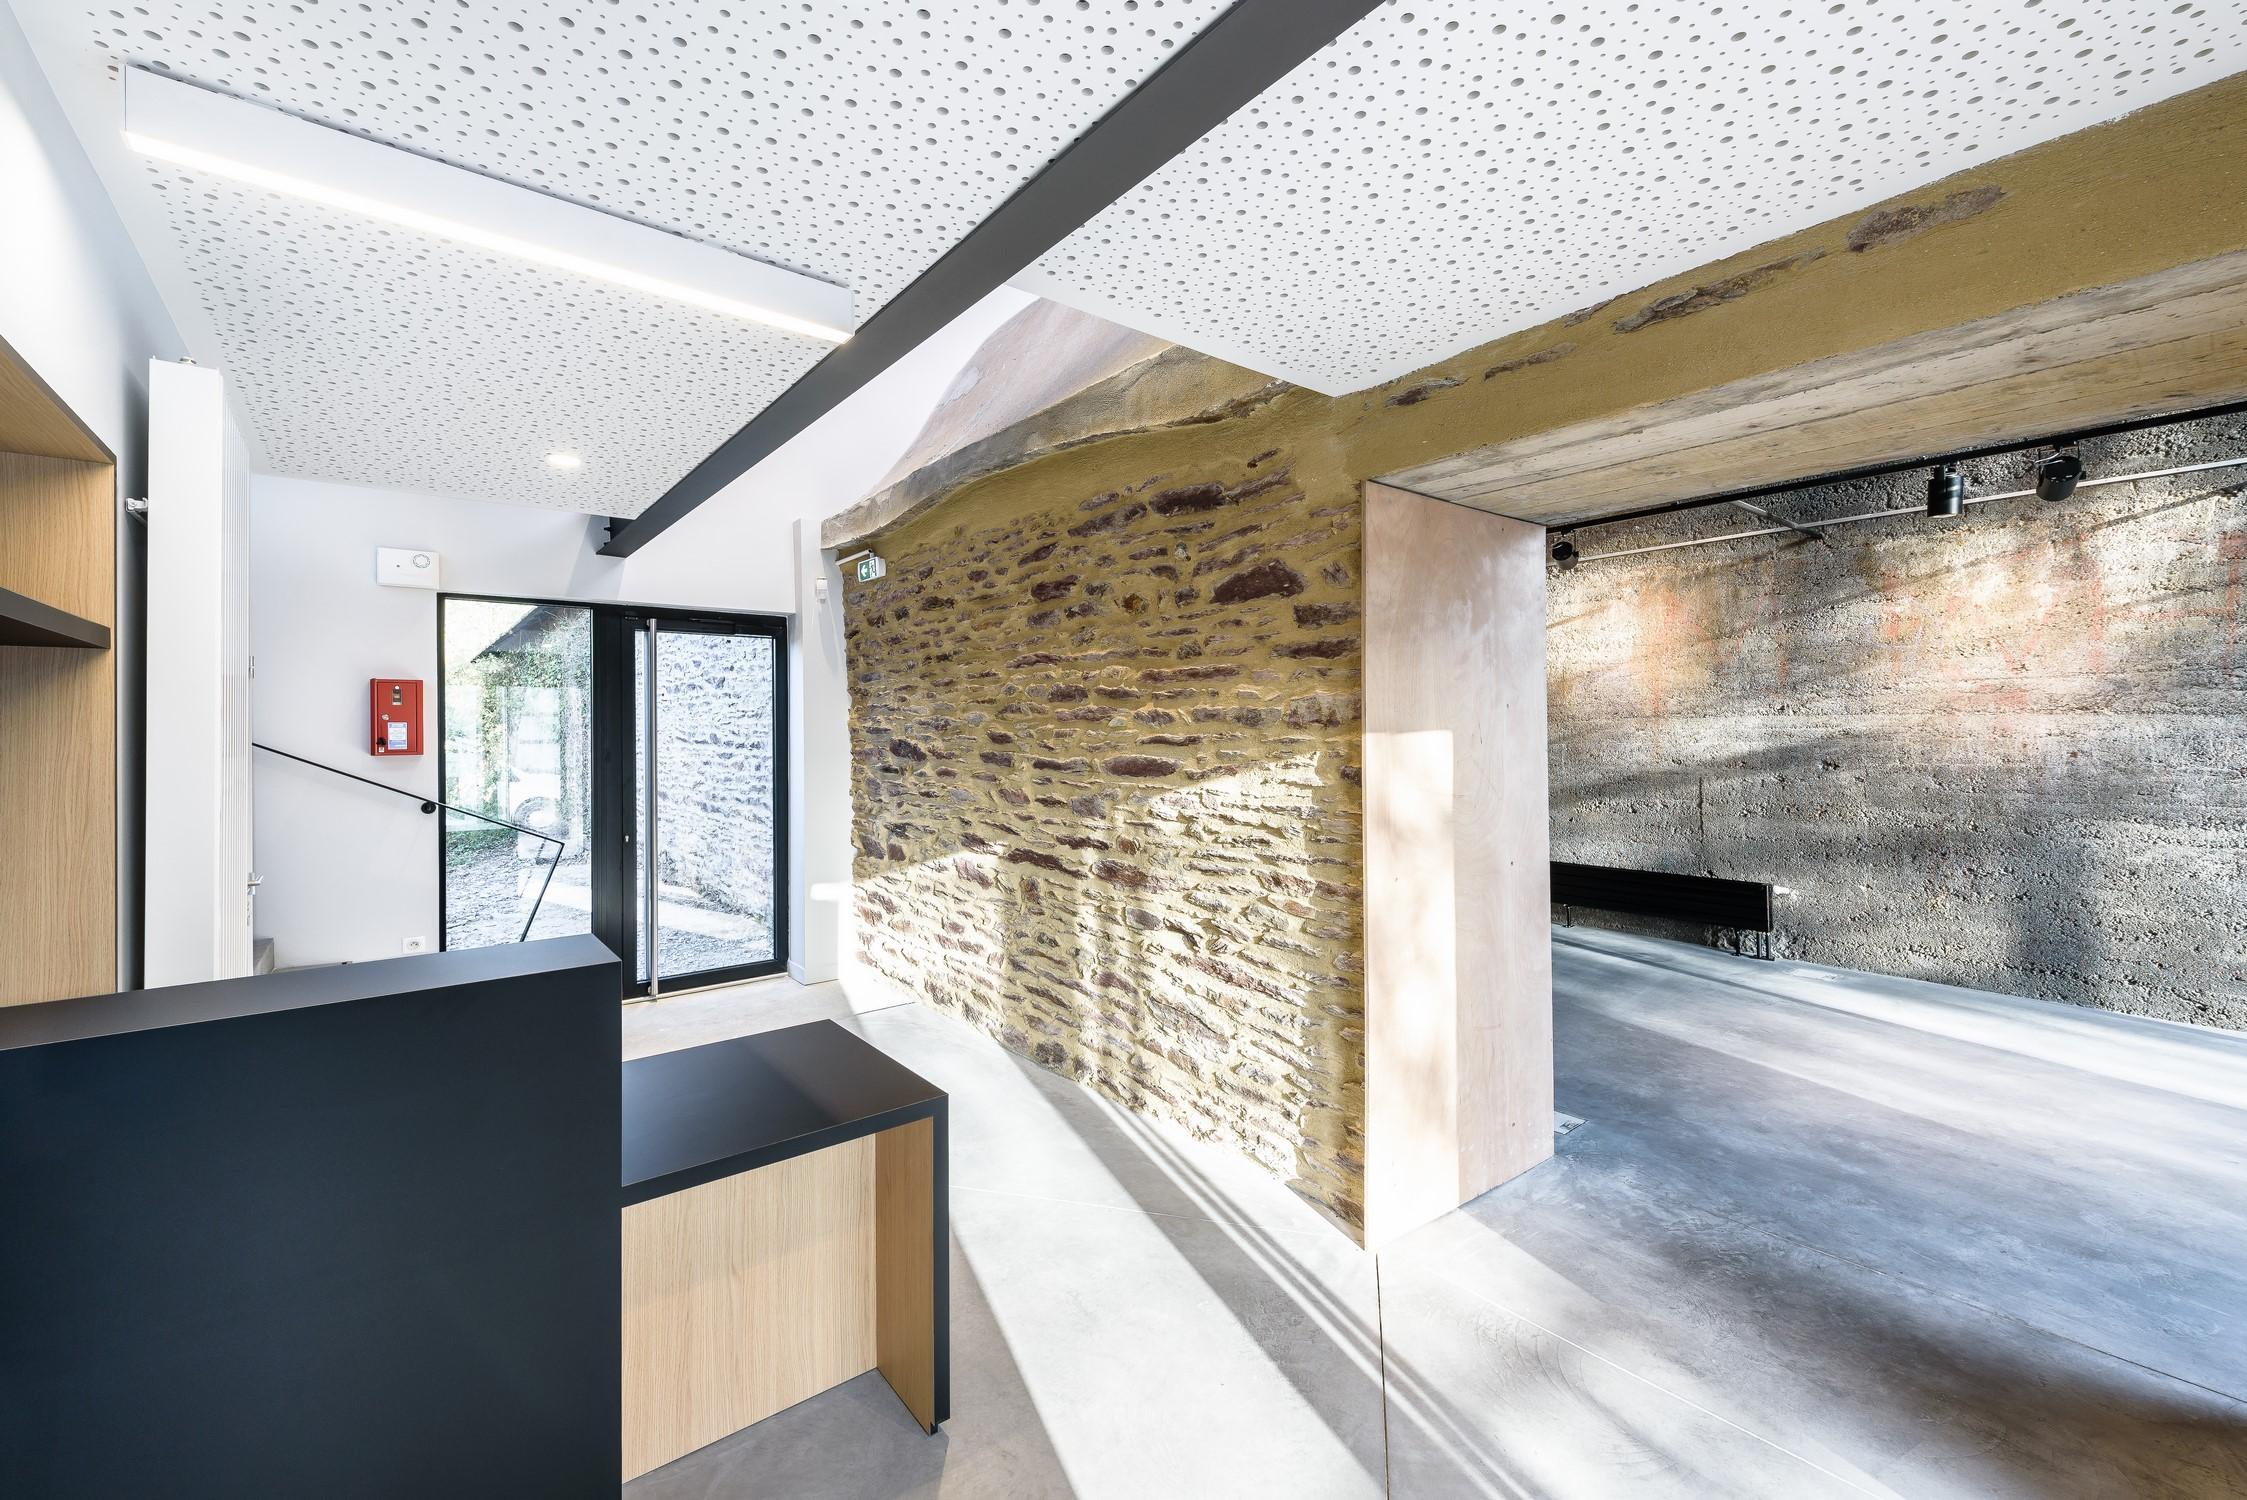 L2-atelier-hall-GP9-int-courrouze-rennes-12 – 1500px